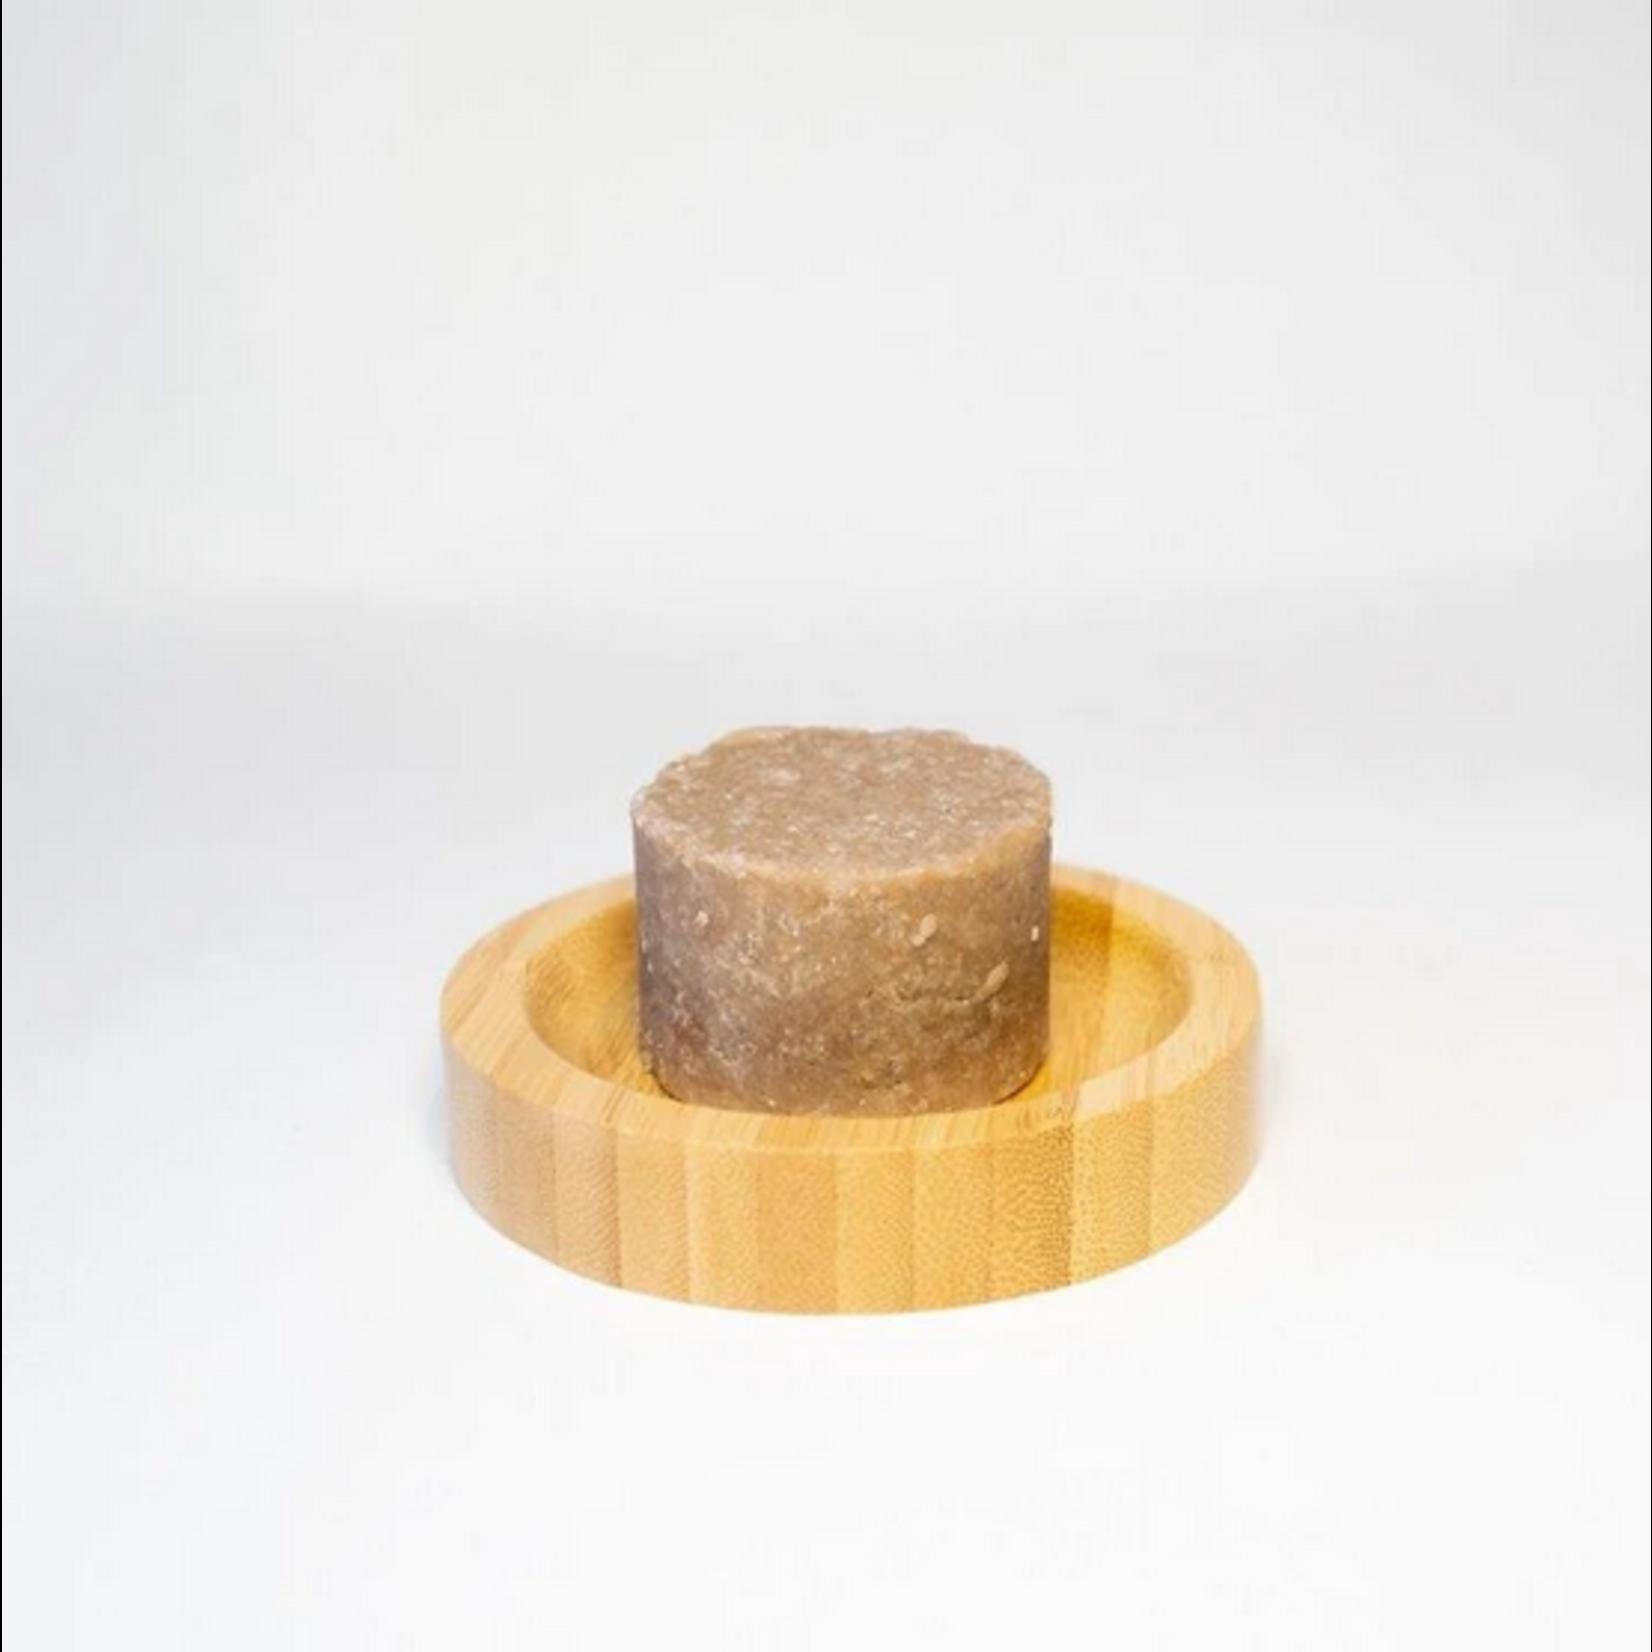 Croll  & Denecke Croll & Denecke - Round Bamboo Soap Dish